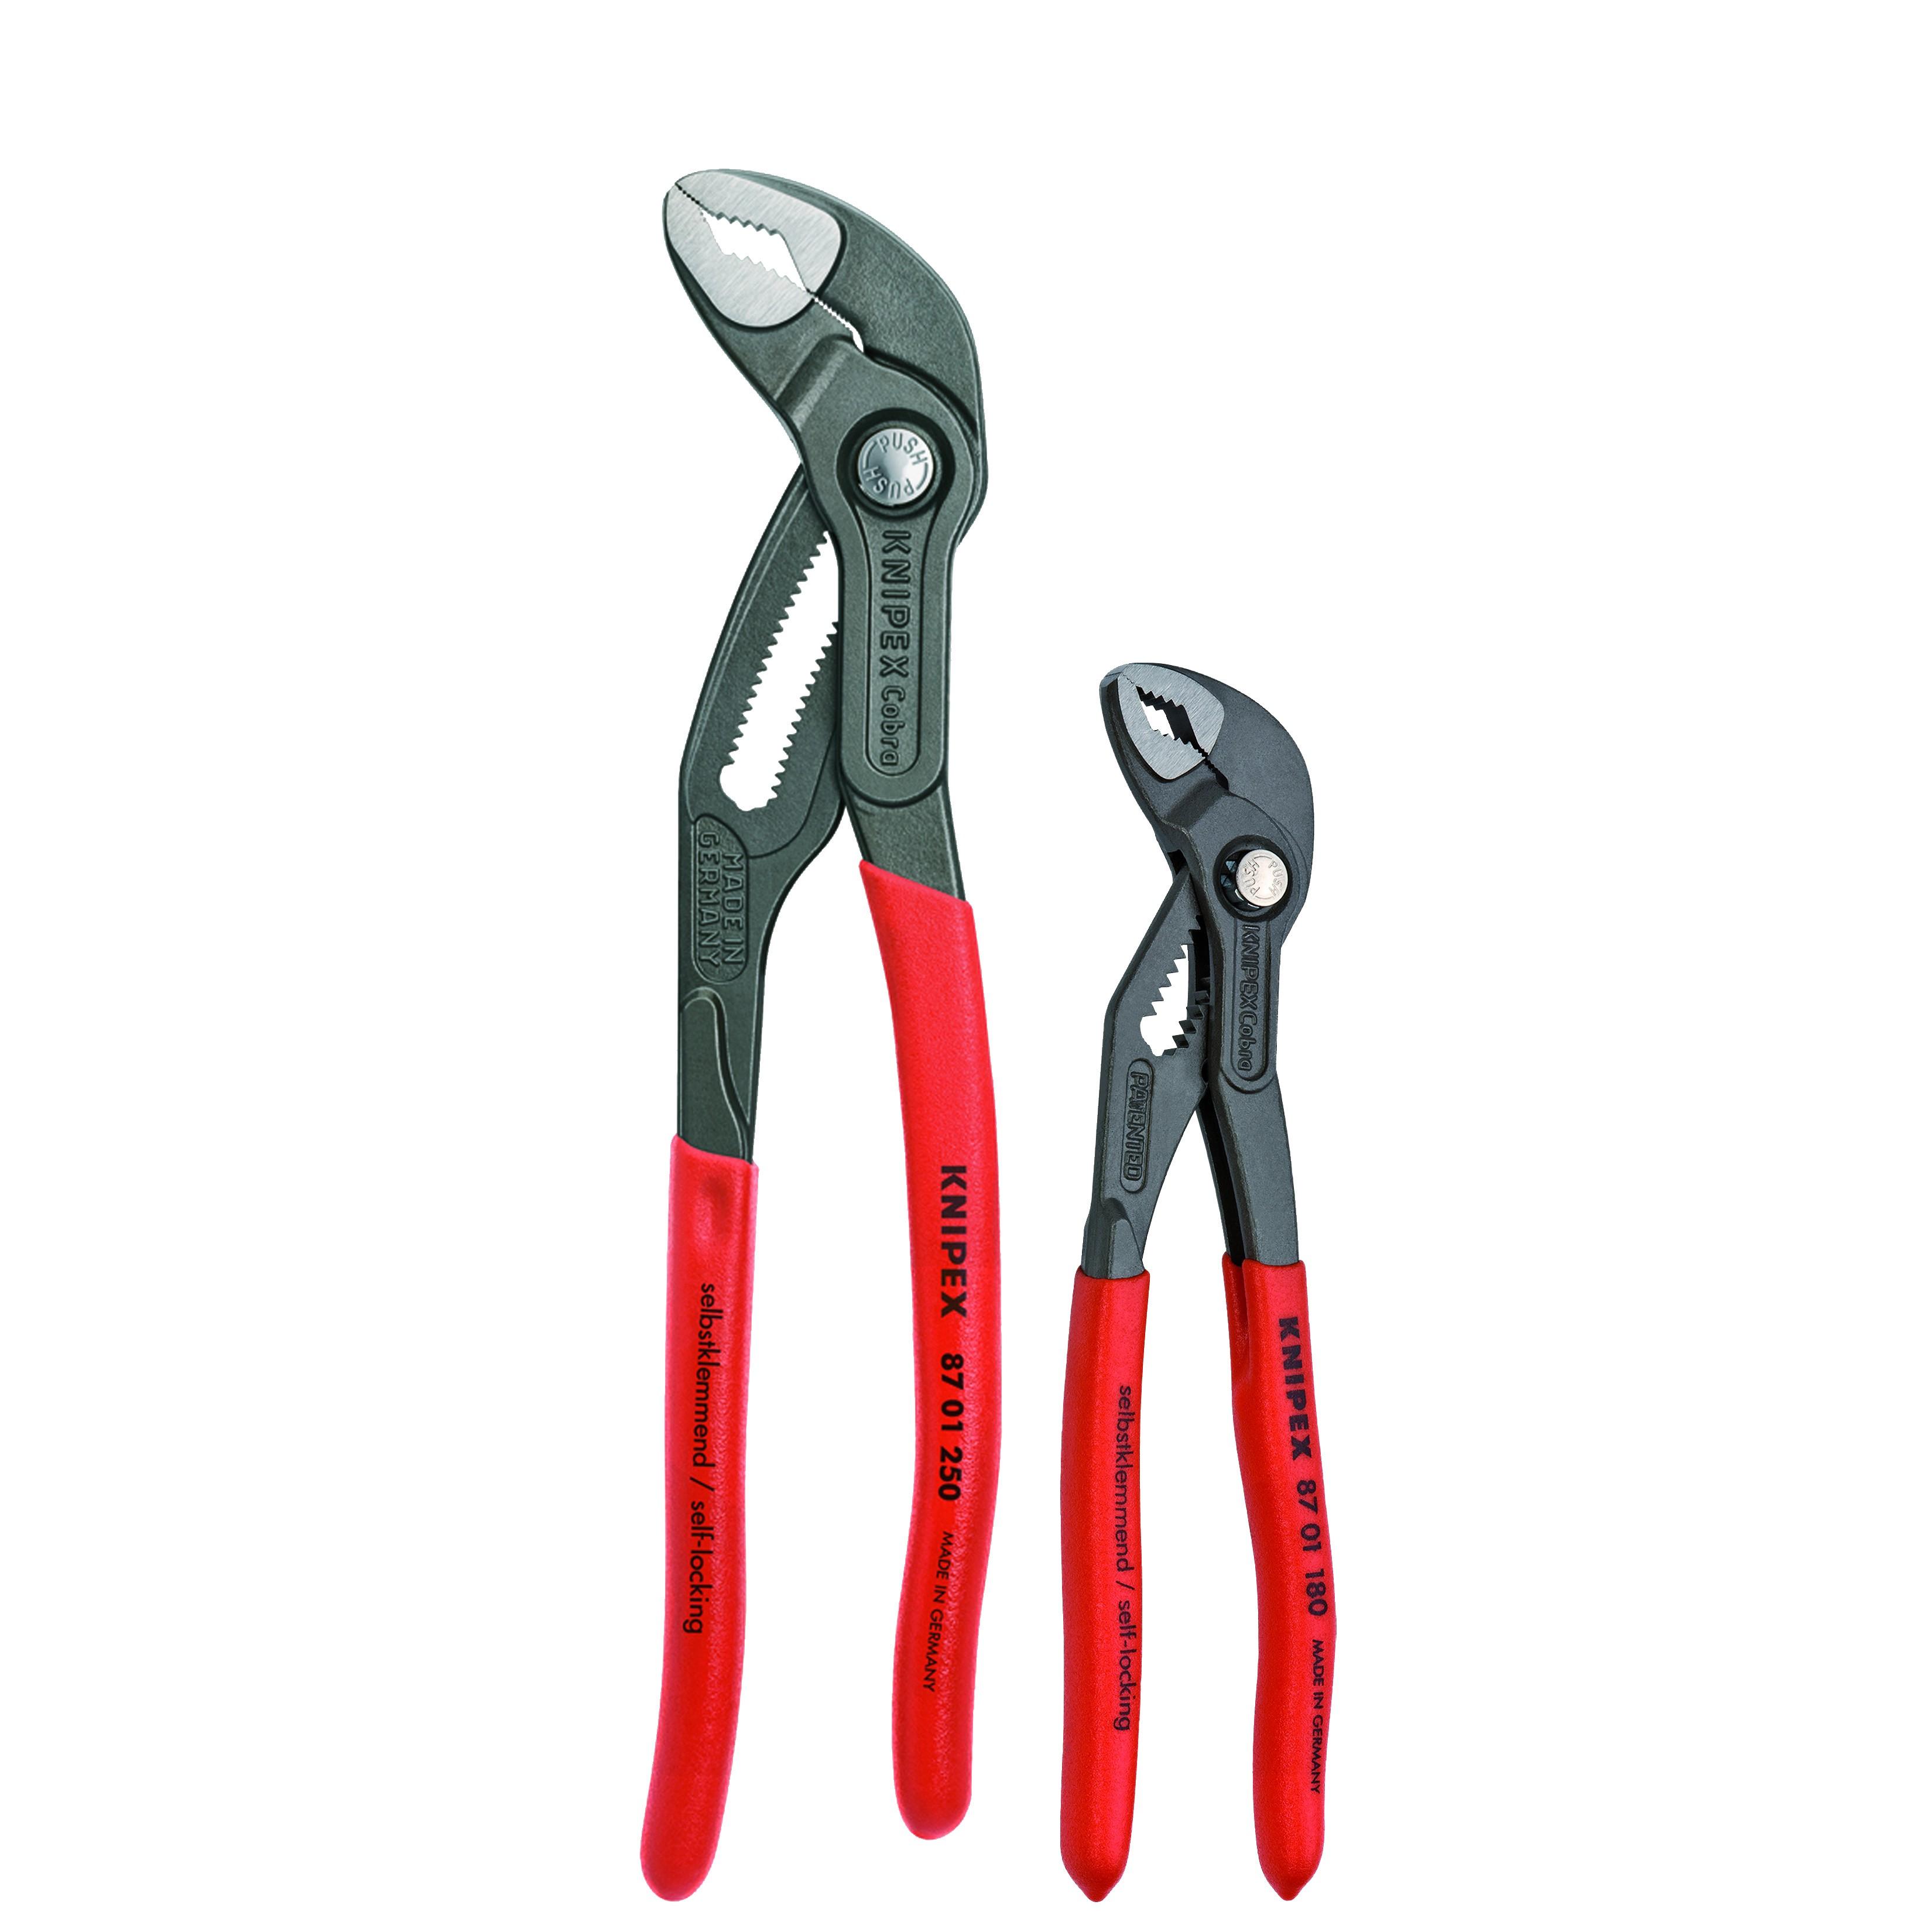 Knipex KNT-9K008025US Comfort Grip Cobra Set - Red & Blue